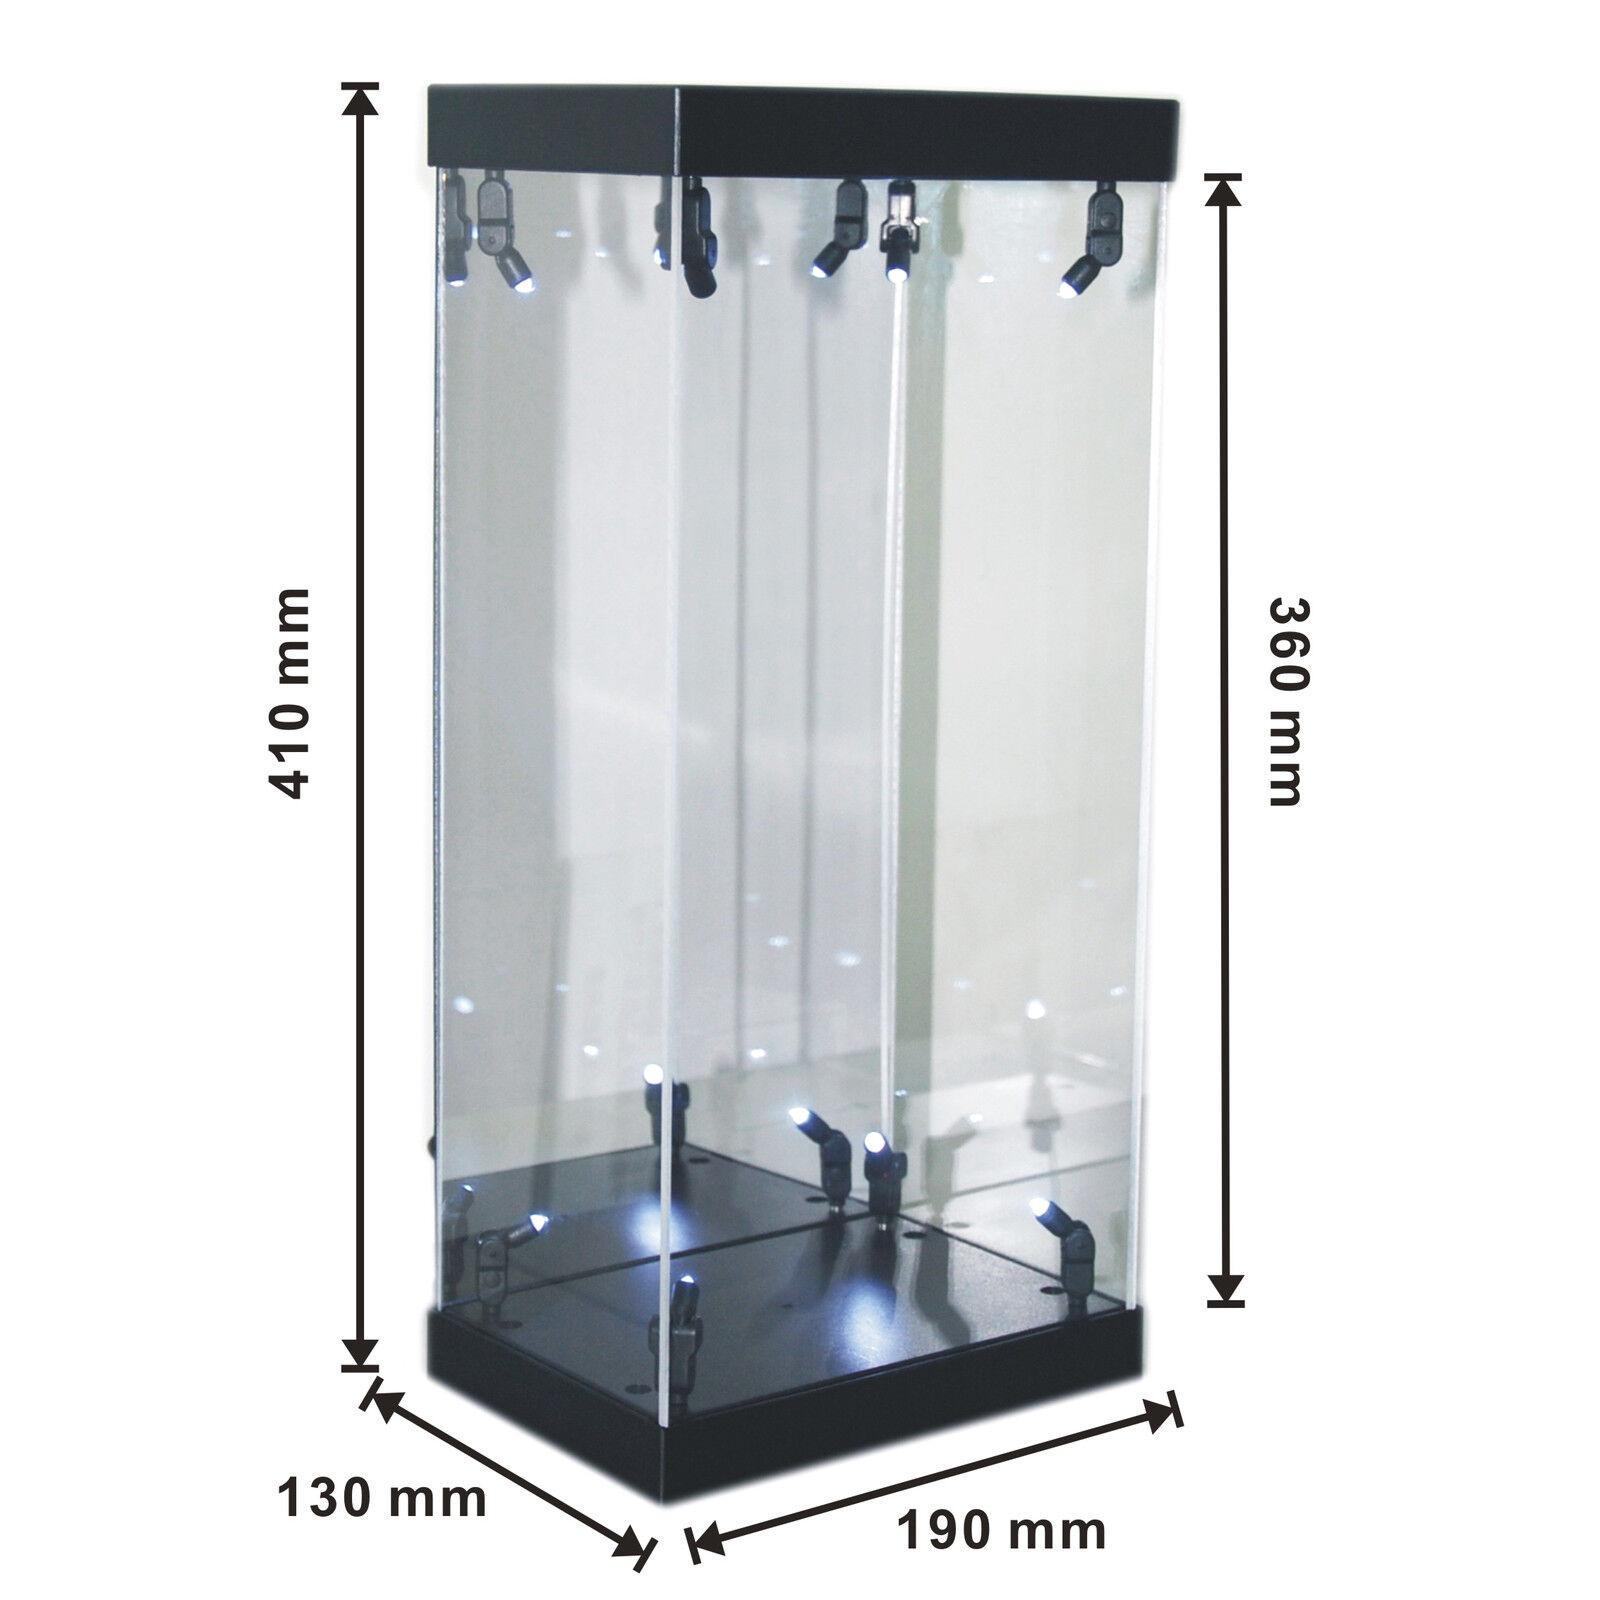 MB Acrylic Display Case LED lumière Box  for 12  1 6 1 6 Scale Phicen Action Figure  livraison directe et rapide